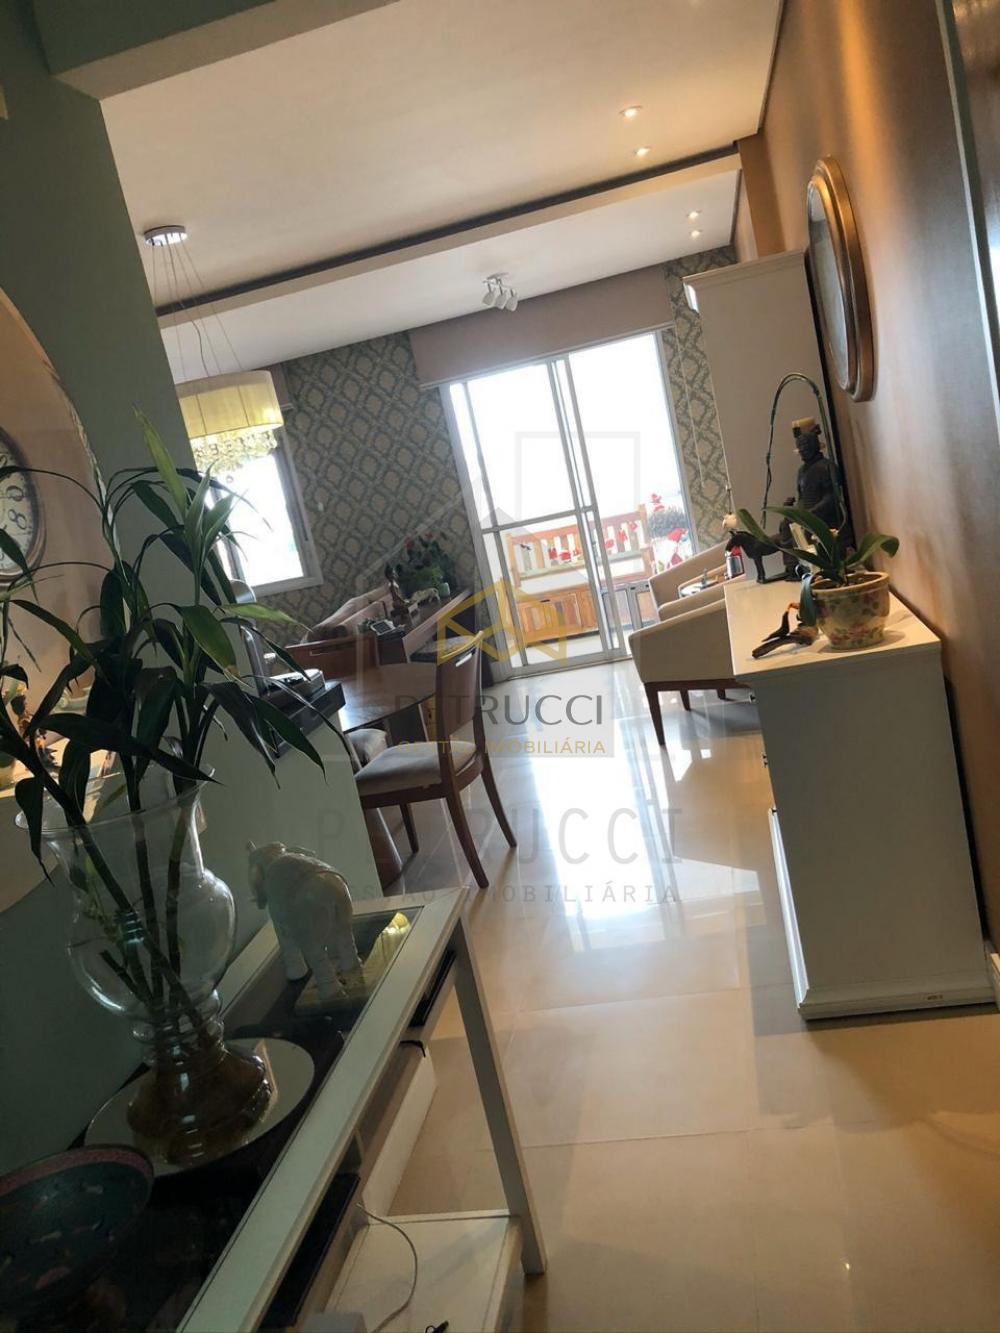 Campinas Apartamento Venda R$880.000,00 Condominio R$982,00 3 Dormitorios 1 Suite Area construida 177.00m2